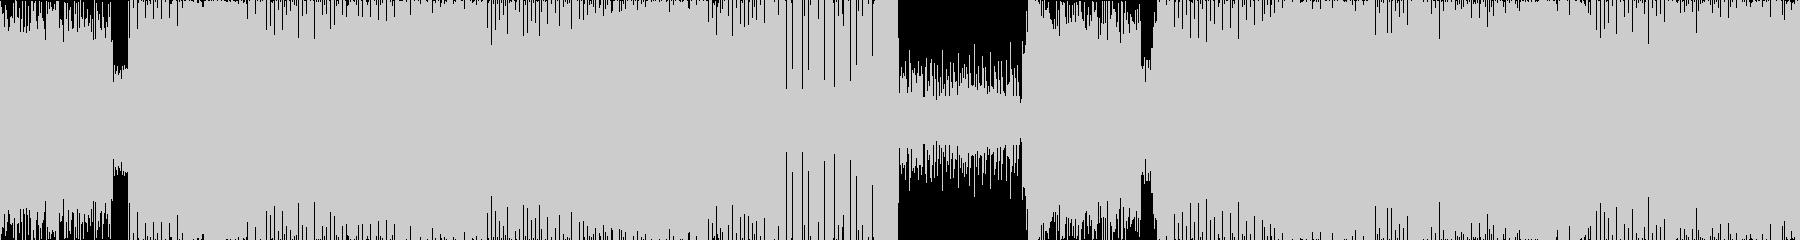 激しくカッコいいダークなエレクトロの未再生の波形